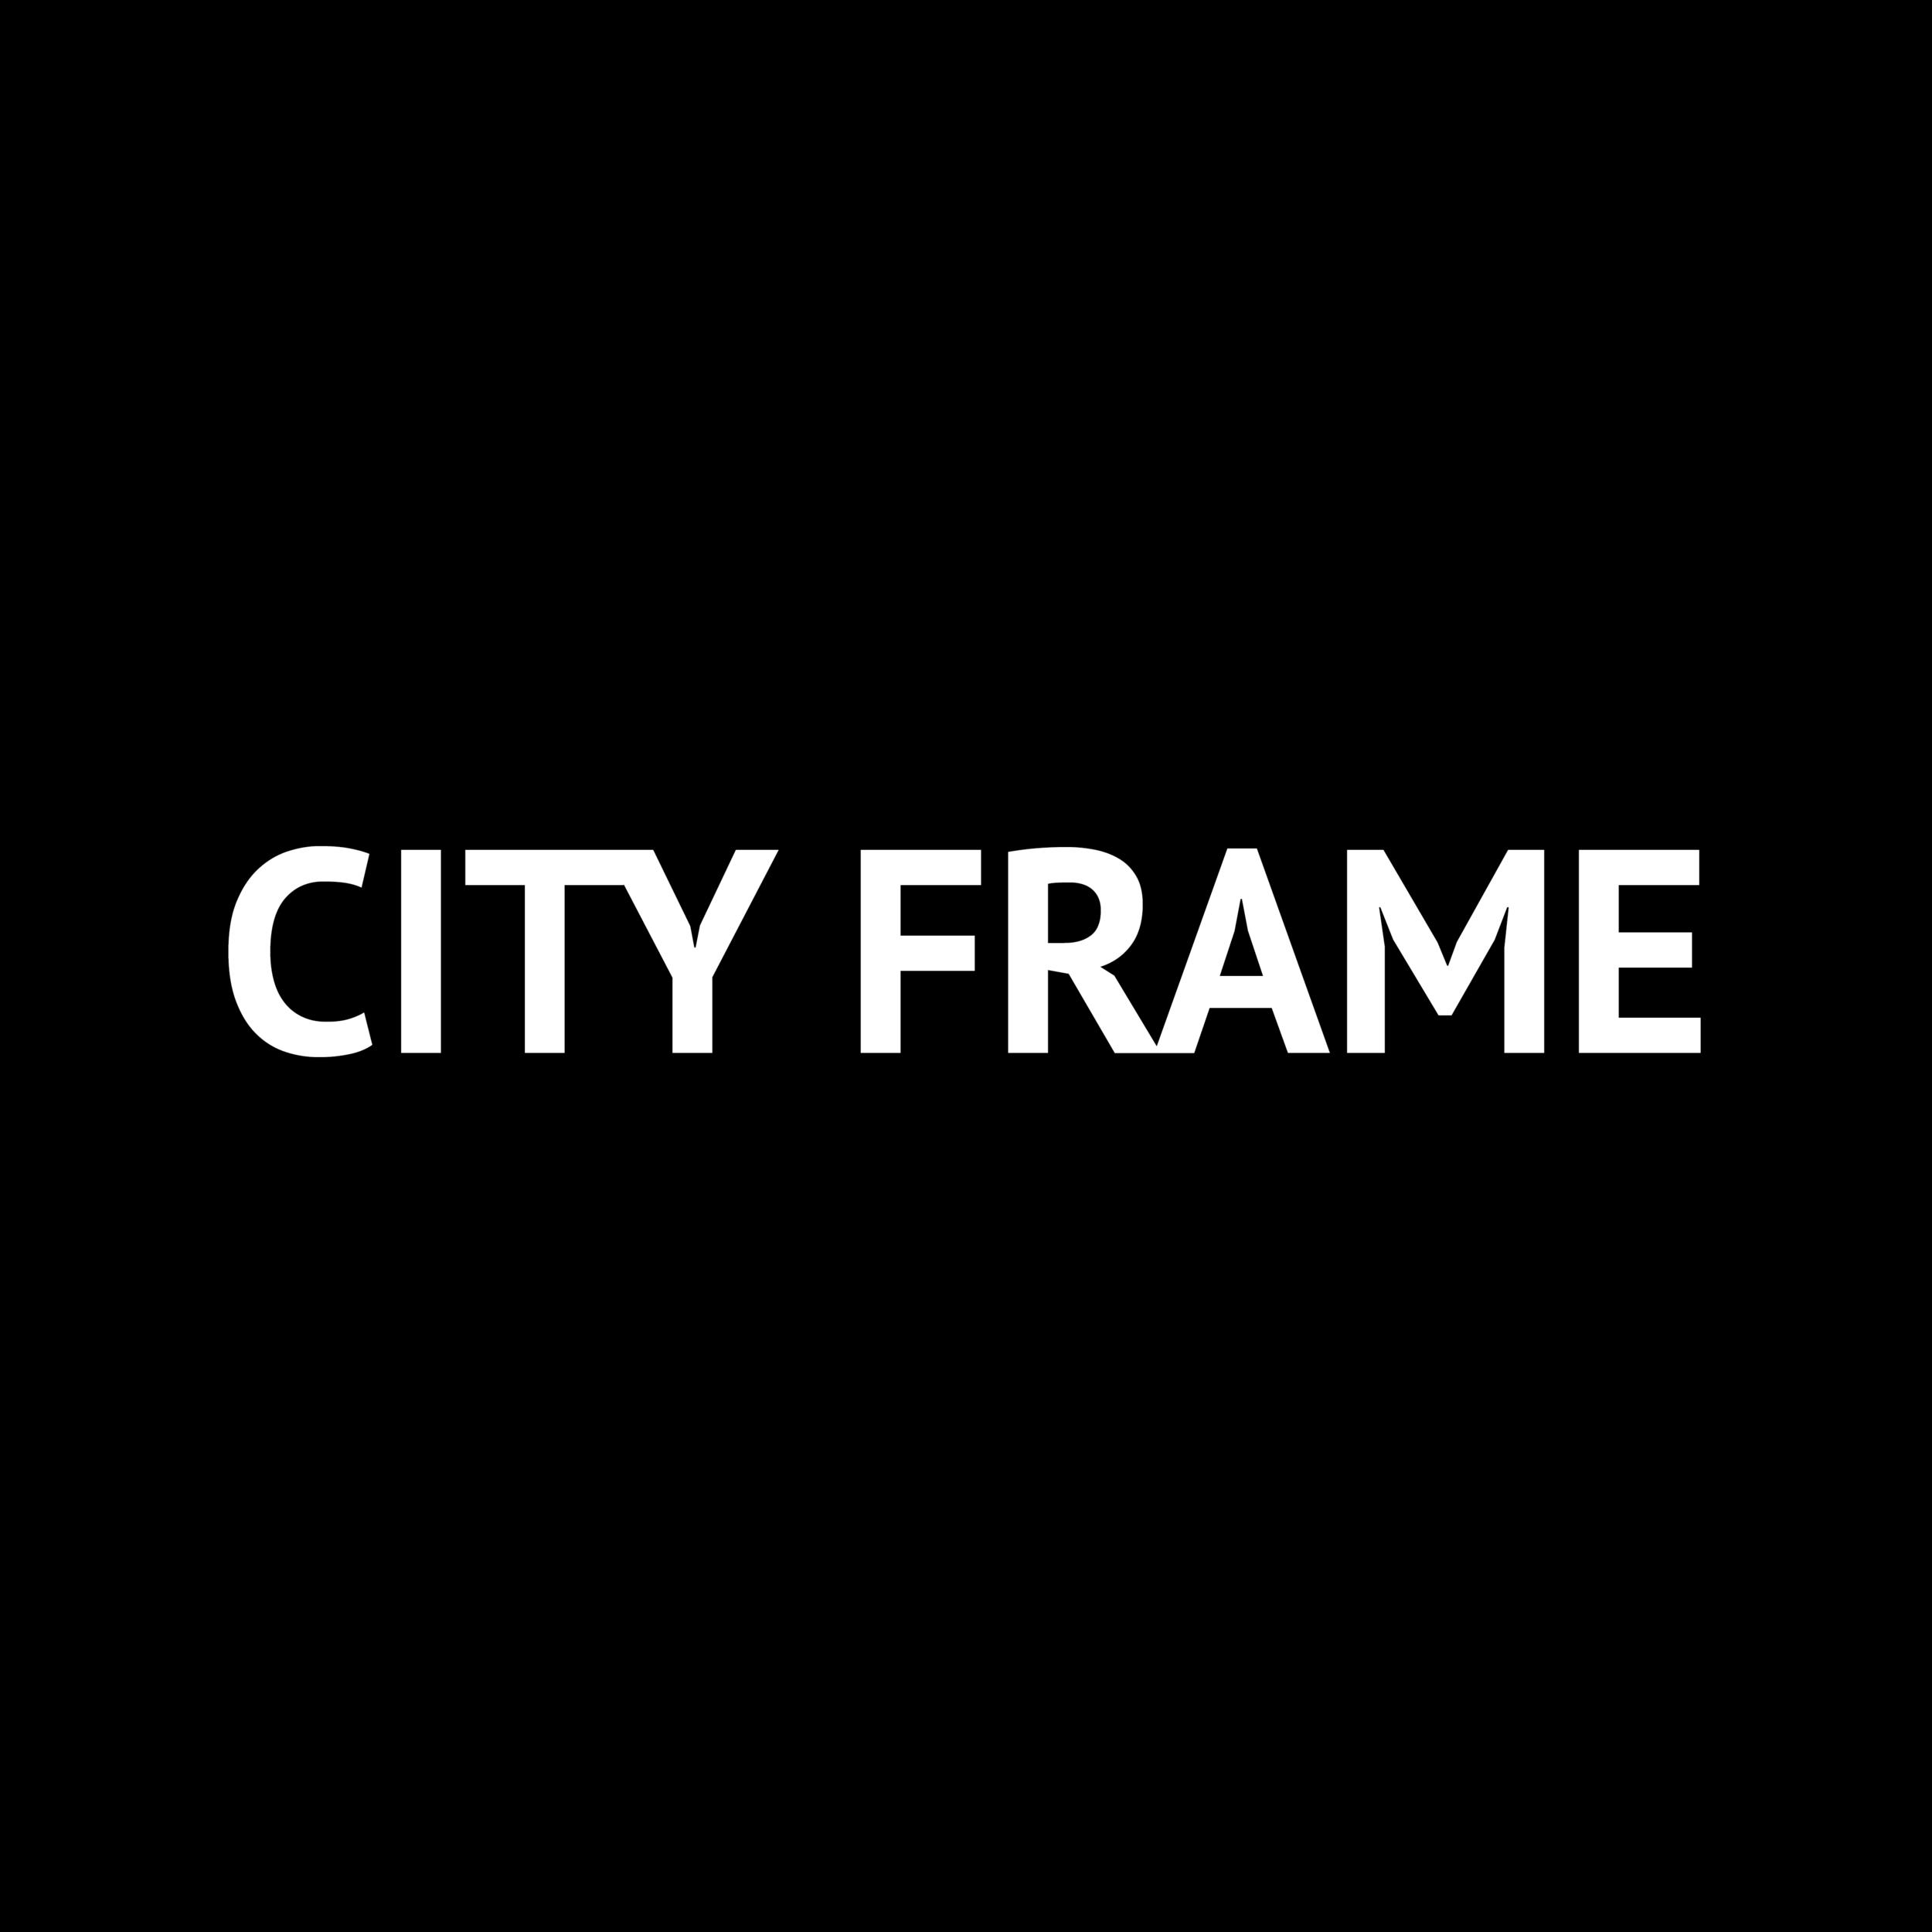 CITY FRAME  | Bre.